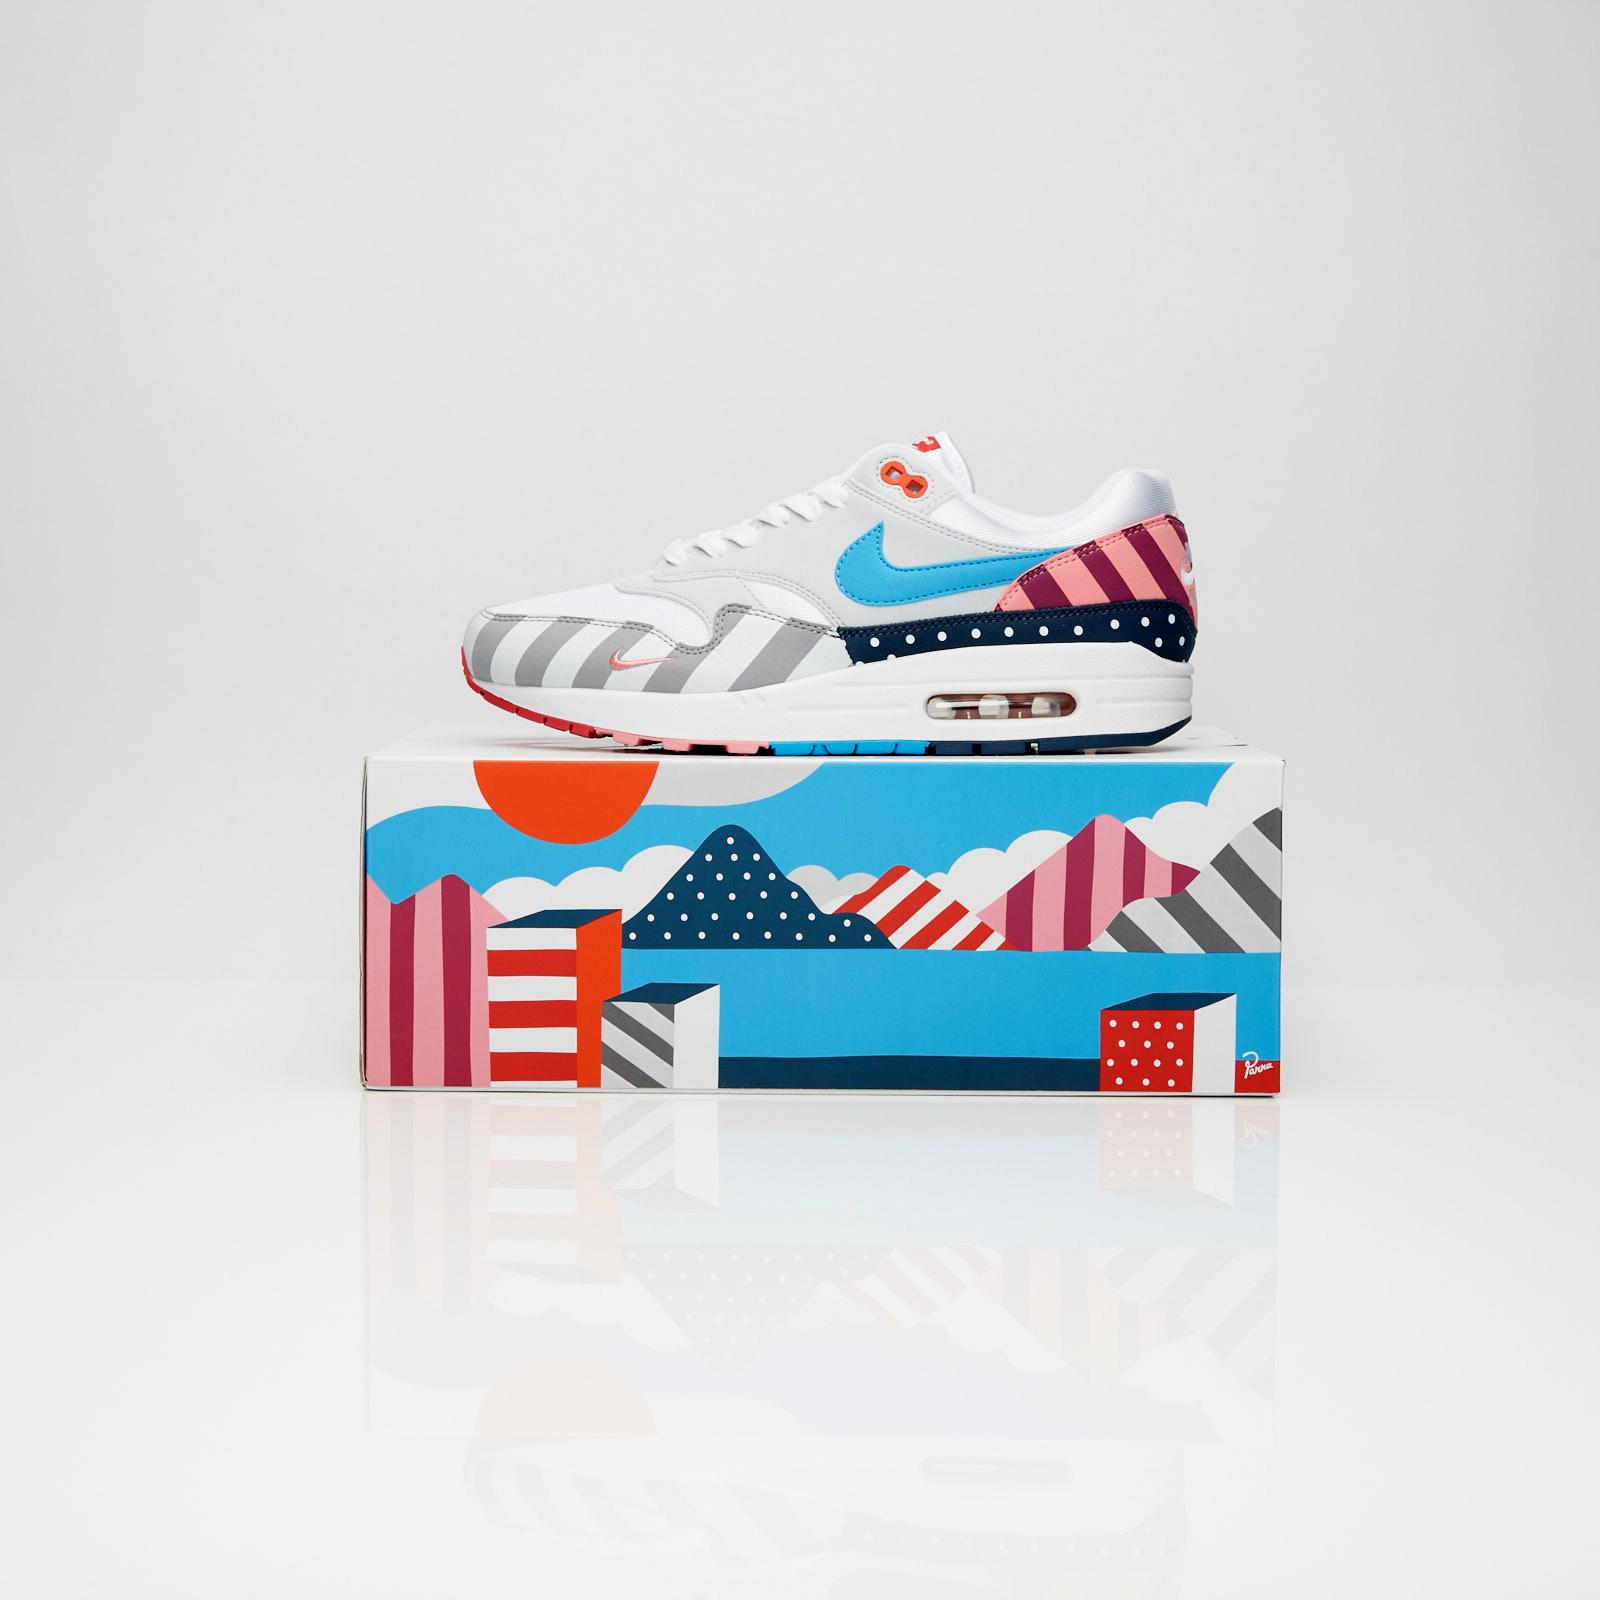 af1773cf Nike Air Max 1 Parra - At3057-100 - Sneakersnstuff | sneakers ...